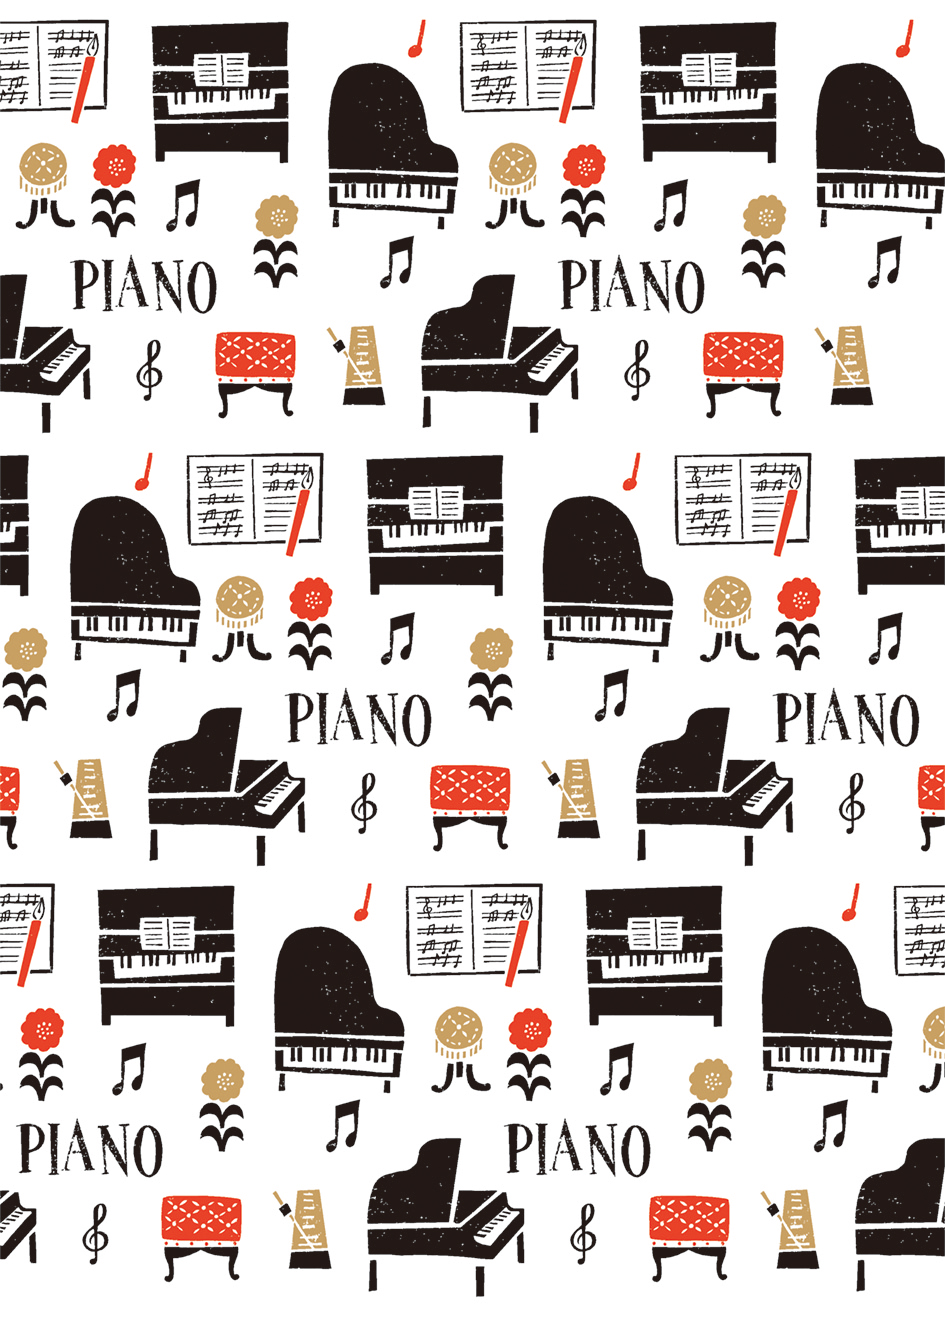 コンパクトミラー la la PIANO  ♪※在庫有りと書いてあっても、お取り寄せ商品は受注後にメーカー注文になります。※☆【音符・小物グッズ-音楽雑貨】【音楽雑貨】  音楽グッズ  <br>バレエ発表会 記念品 プレゼントに最適 ♪